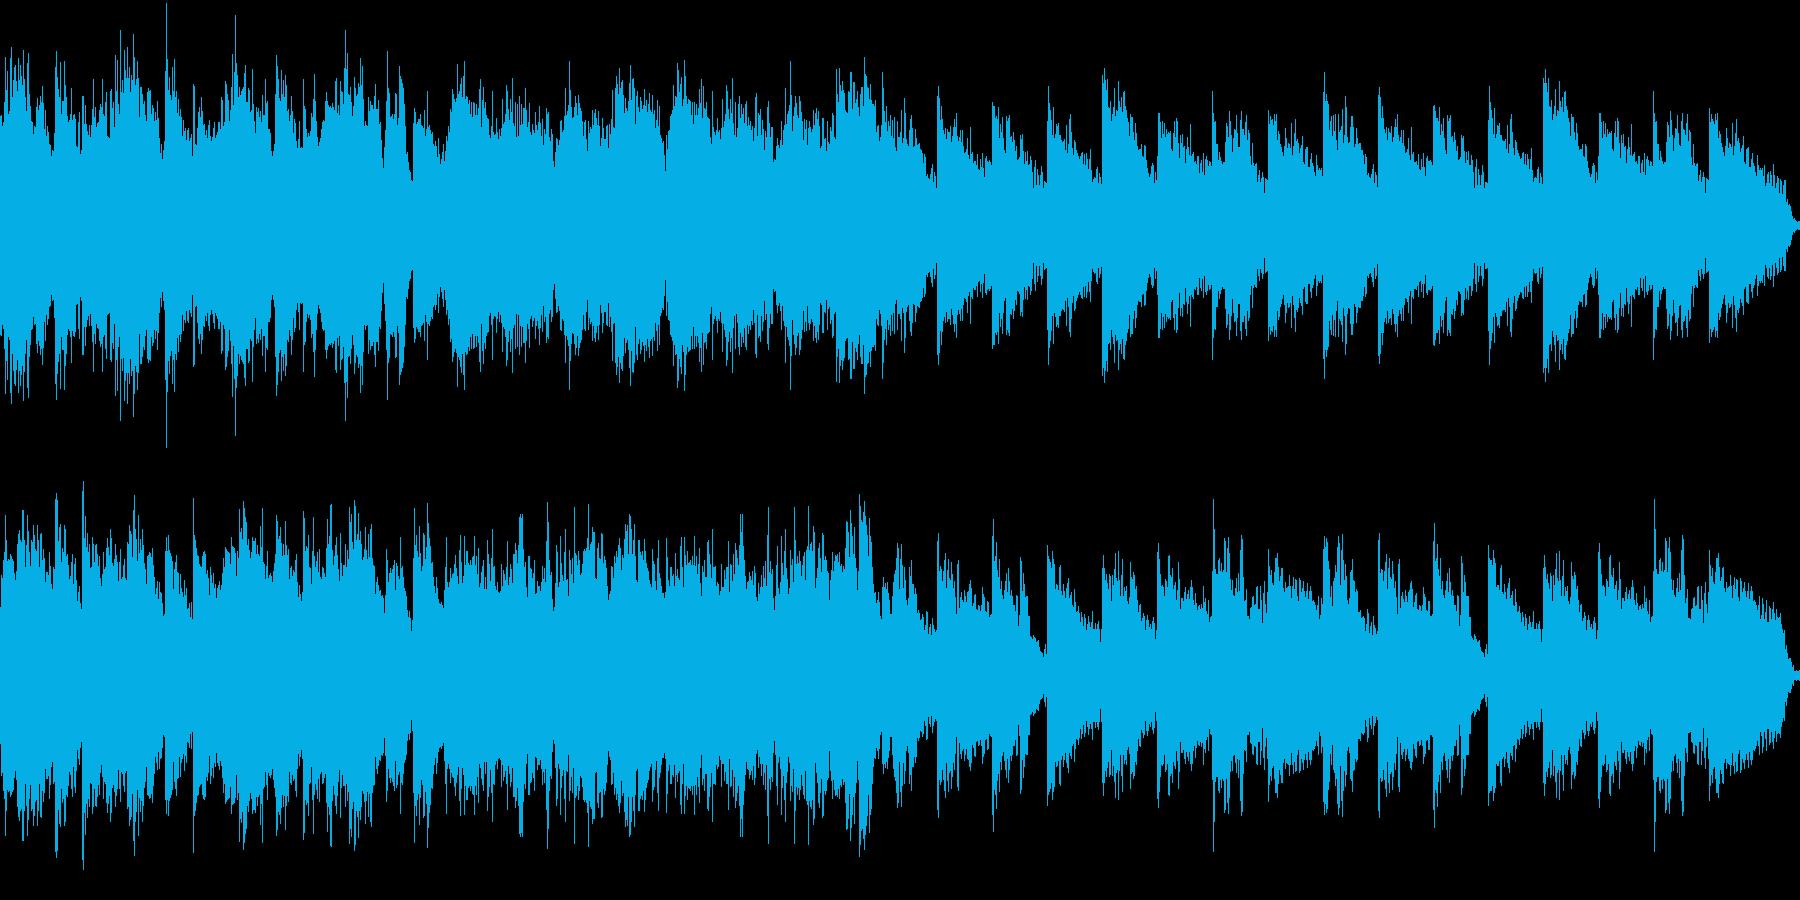 綺麗な風景に合う曲/ループ可の再生済みの波形